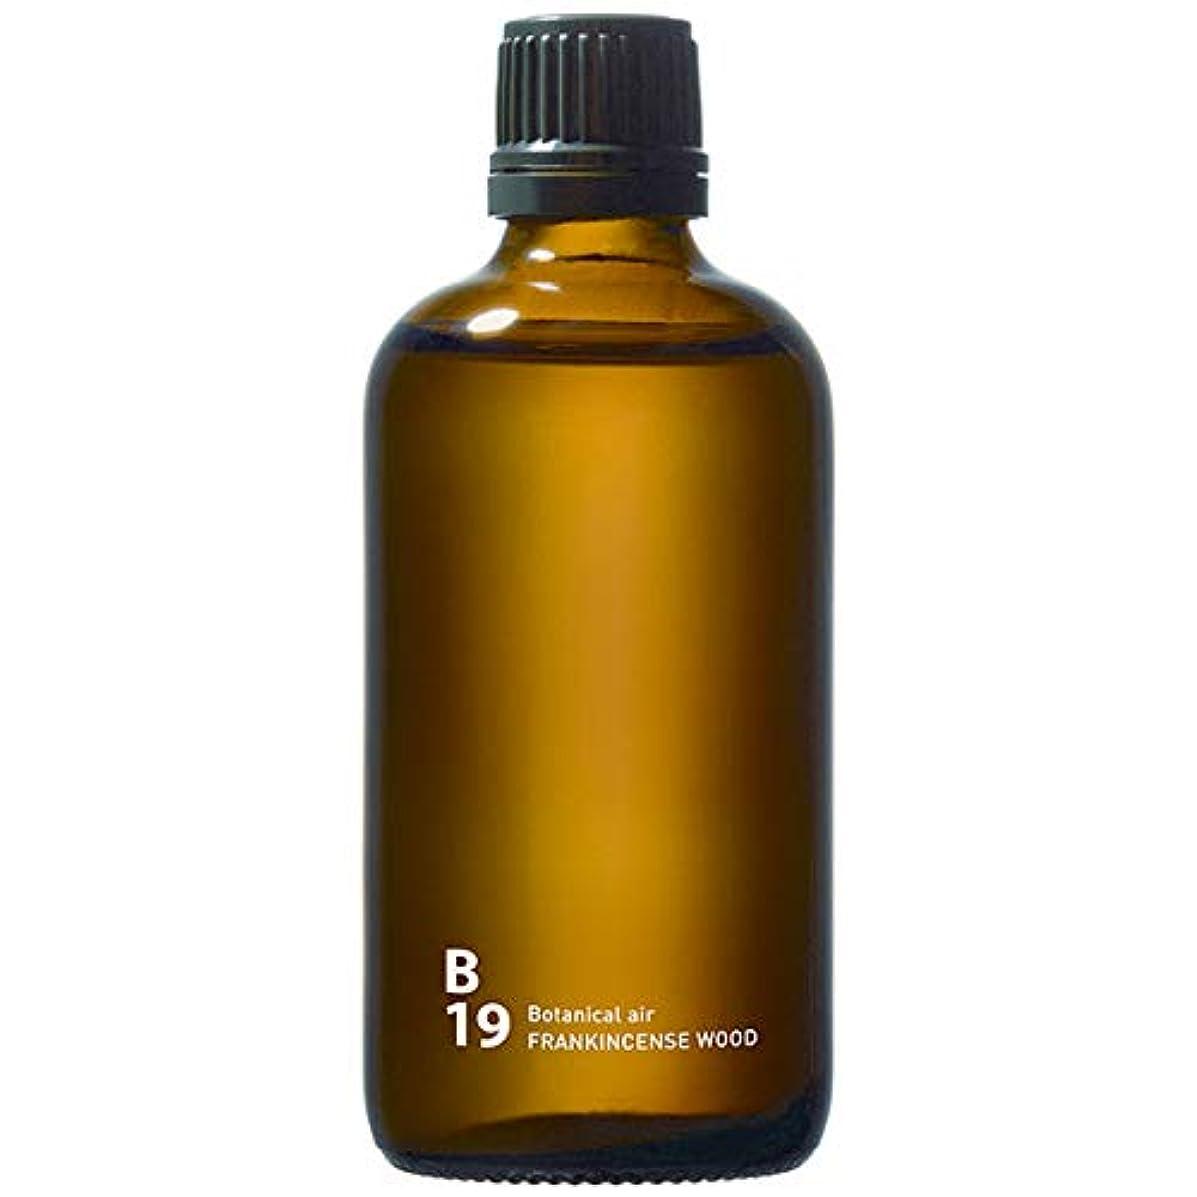 貞華氏証明するB19 FRANKINCENSE WOOD piezo aroma oil 100ml